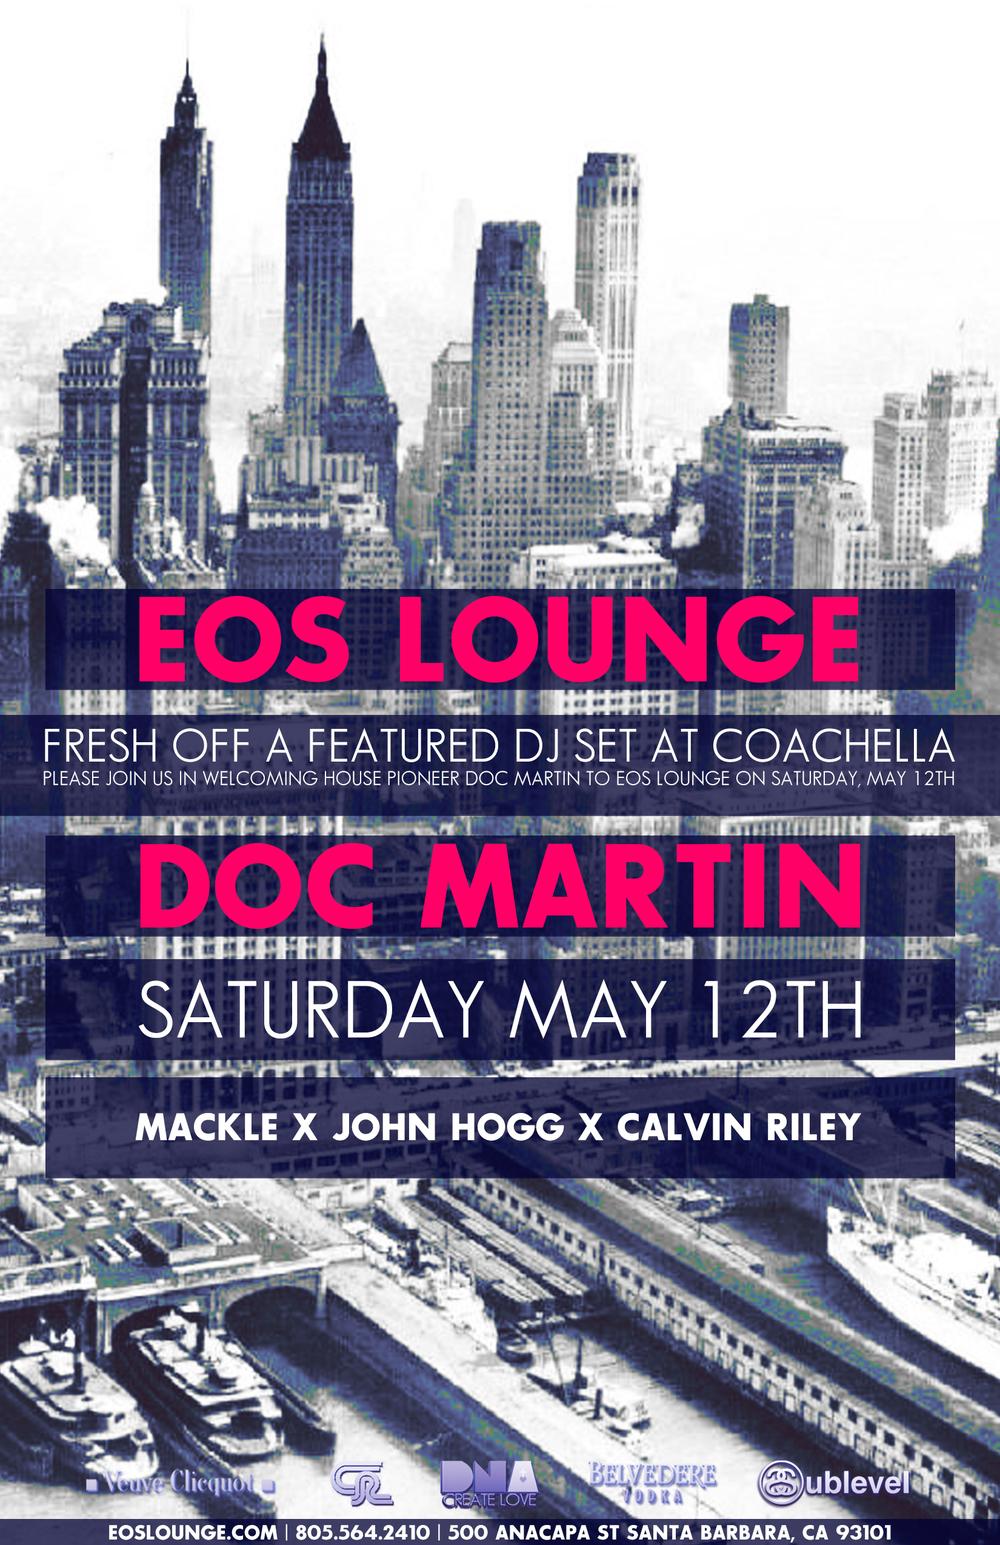 Doc-Martin-Flyer.jpg